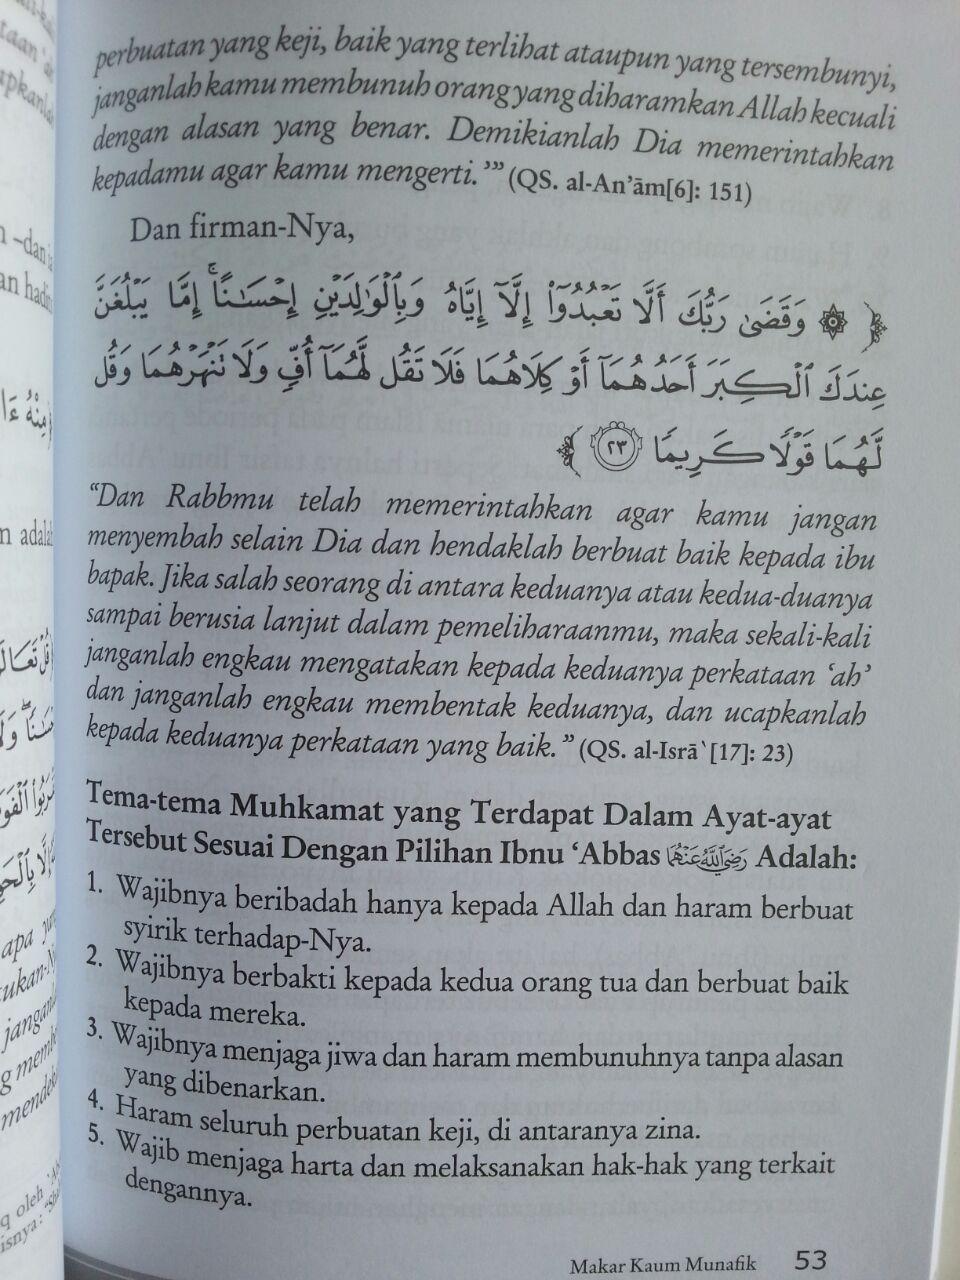 Buku Makar Kaum Munafik Kiat Rasul Bermuamalah Dengan Munafik isi 3